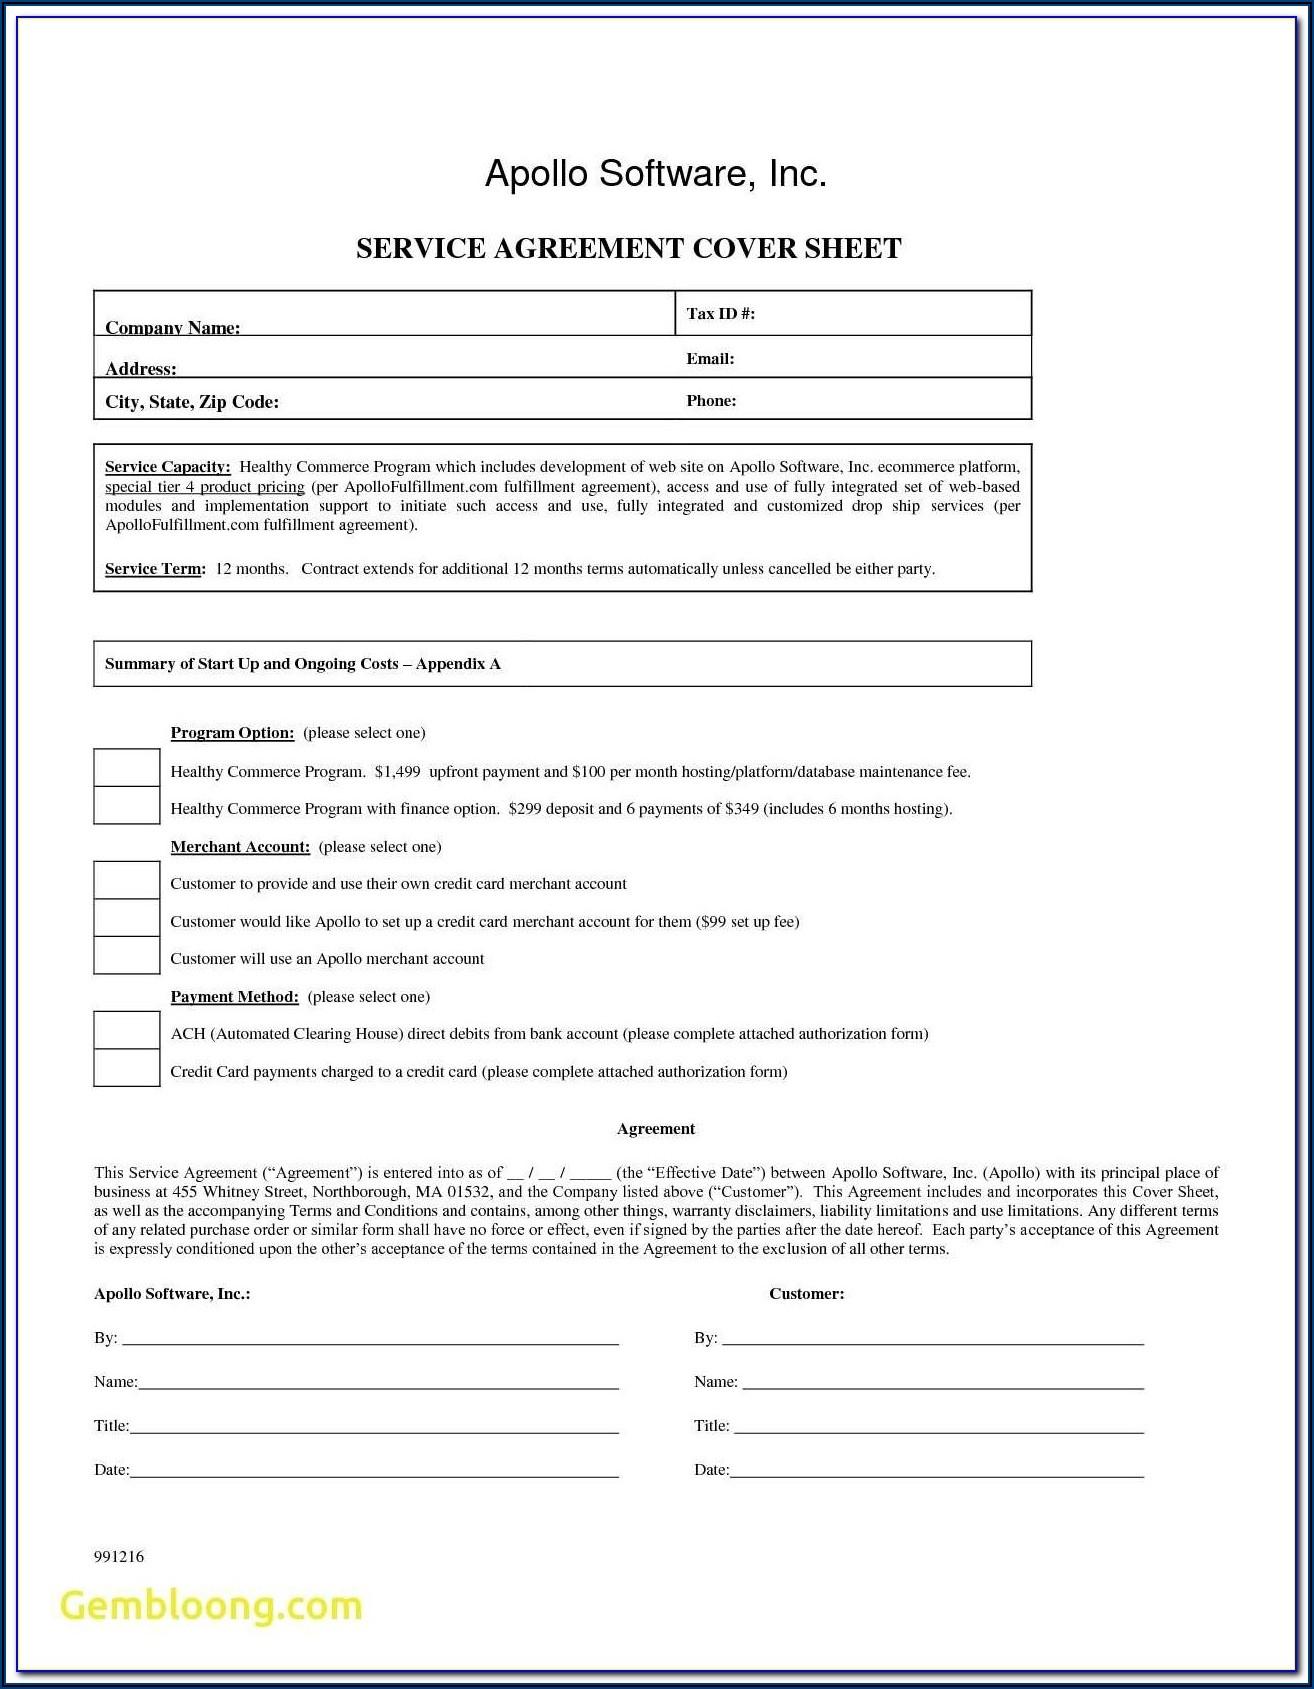 Wells Fargo Ach Debit Authorization Form